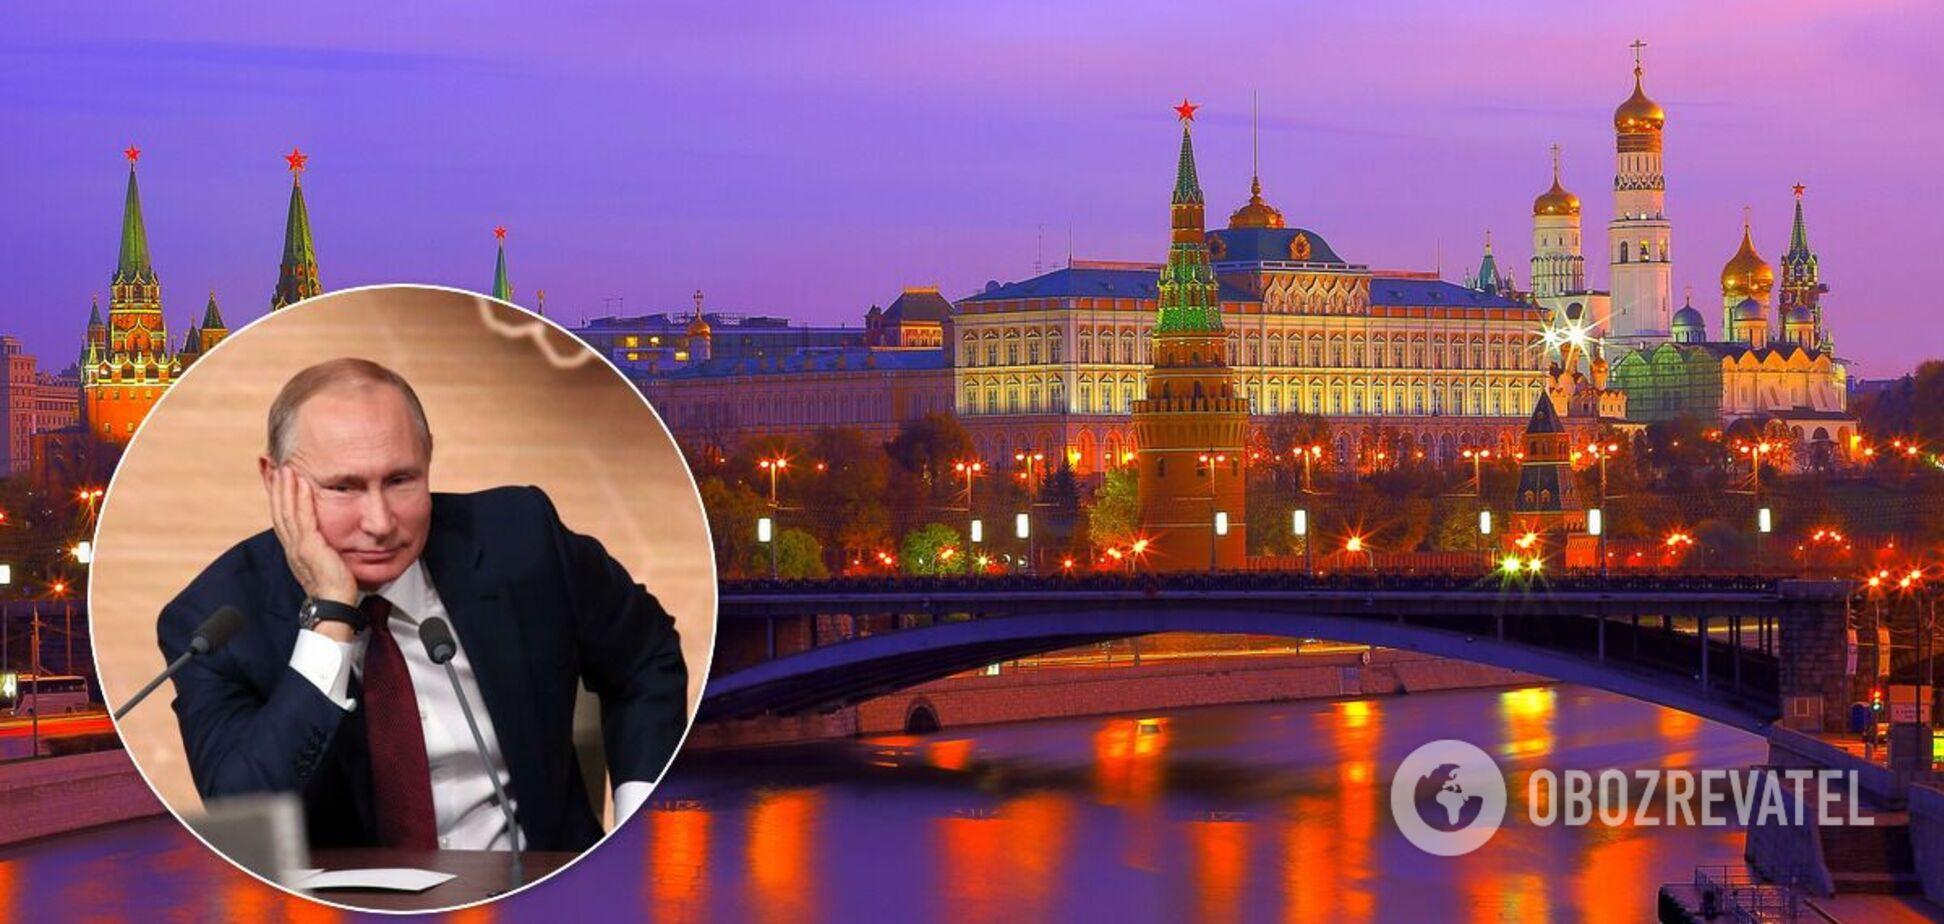 Путин готовит чистки в российских элитах. Грядет большой террор